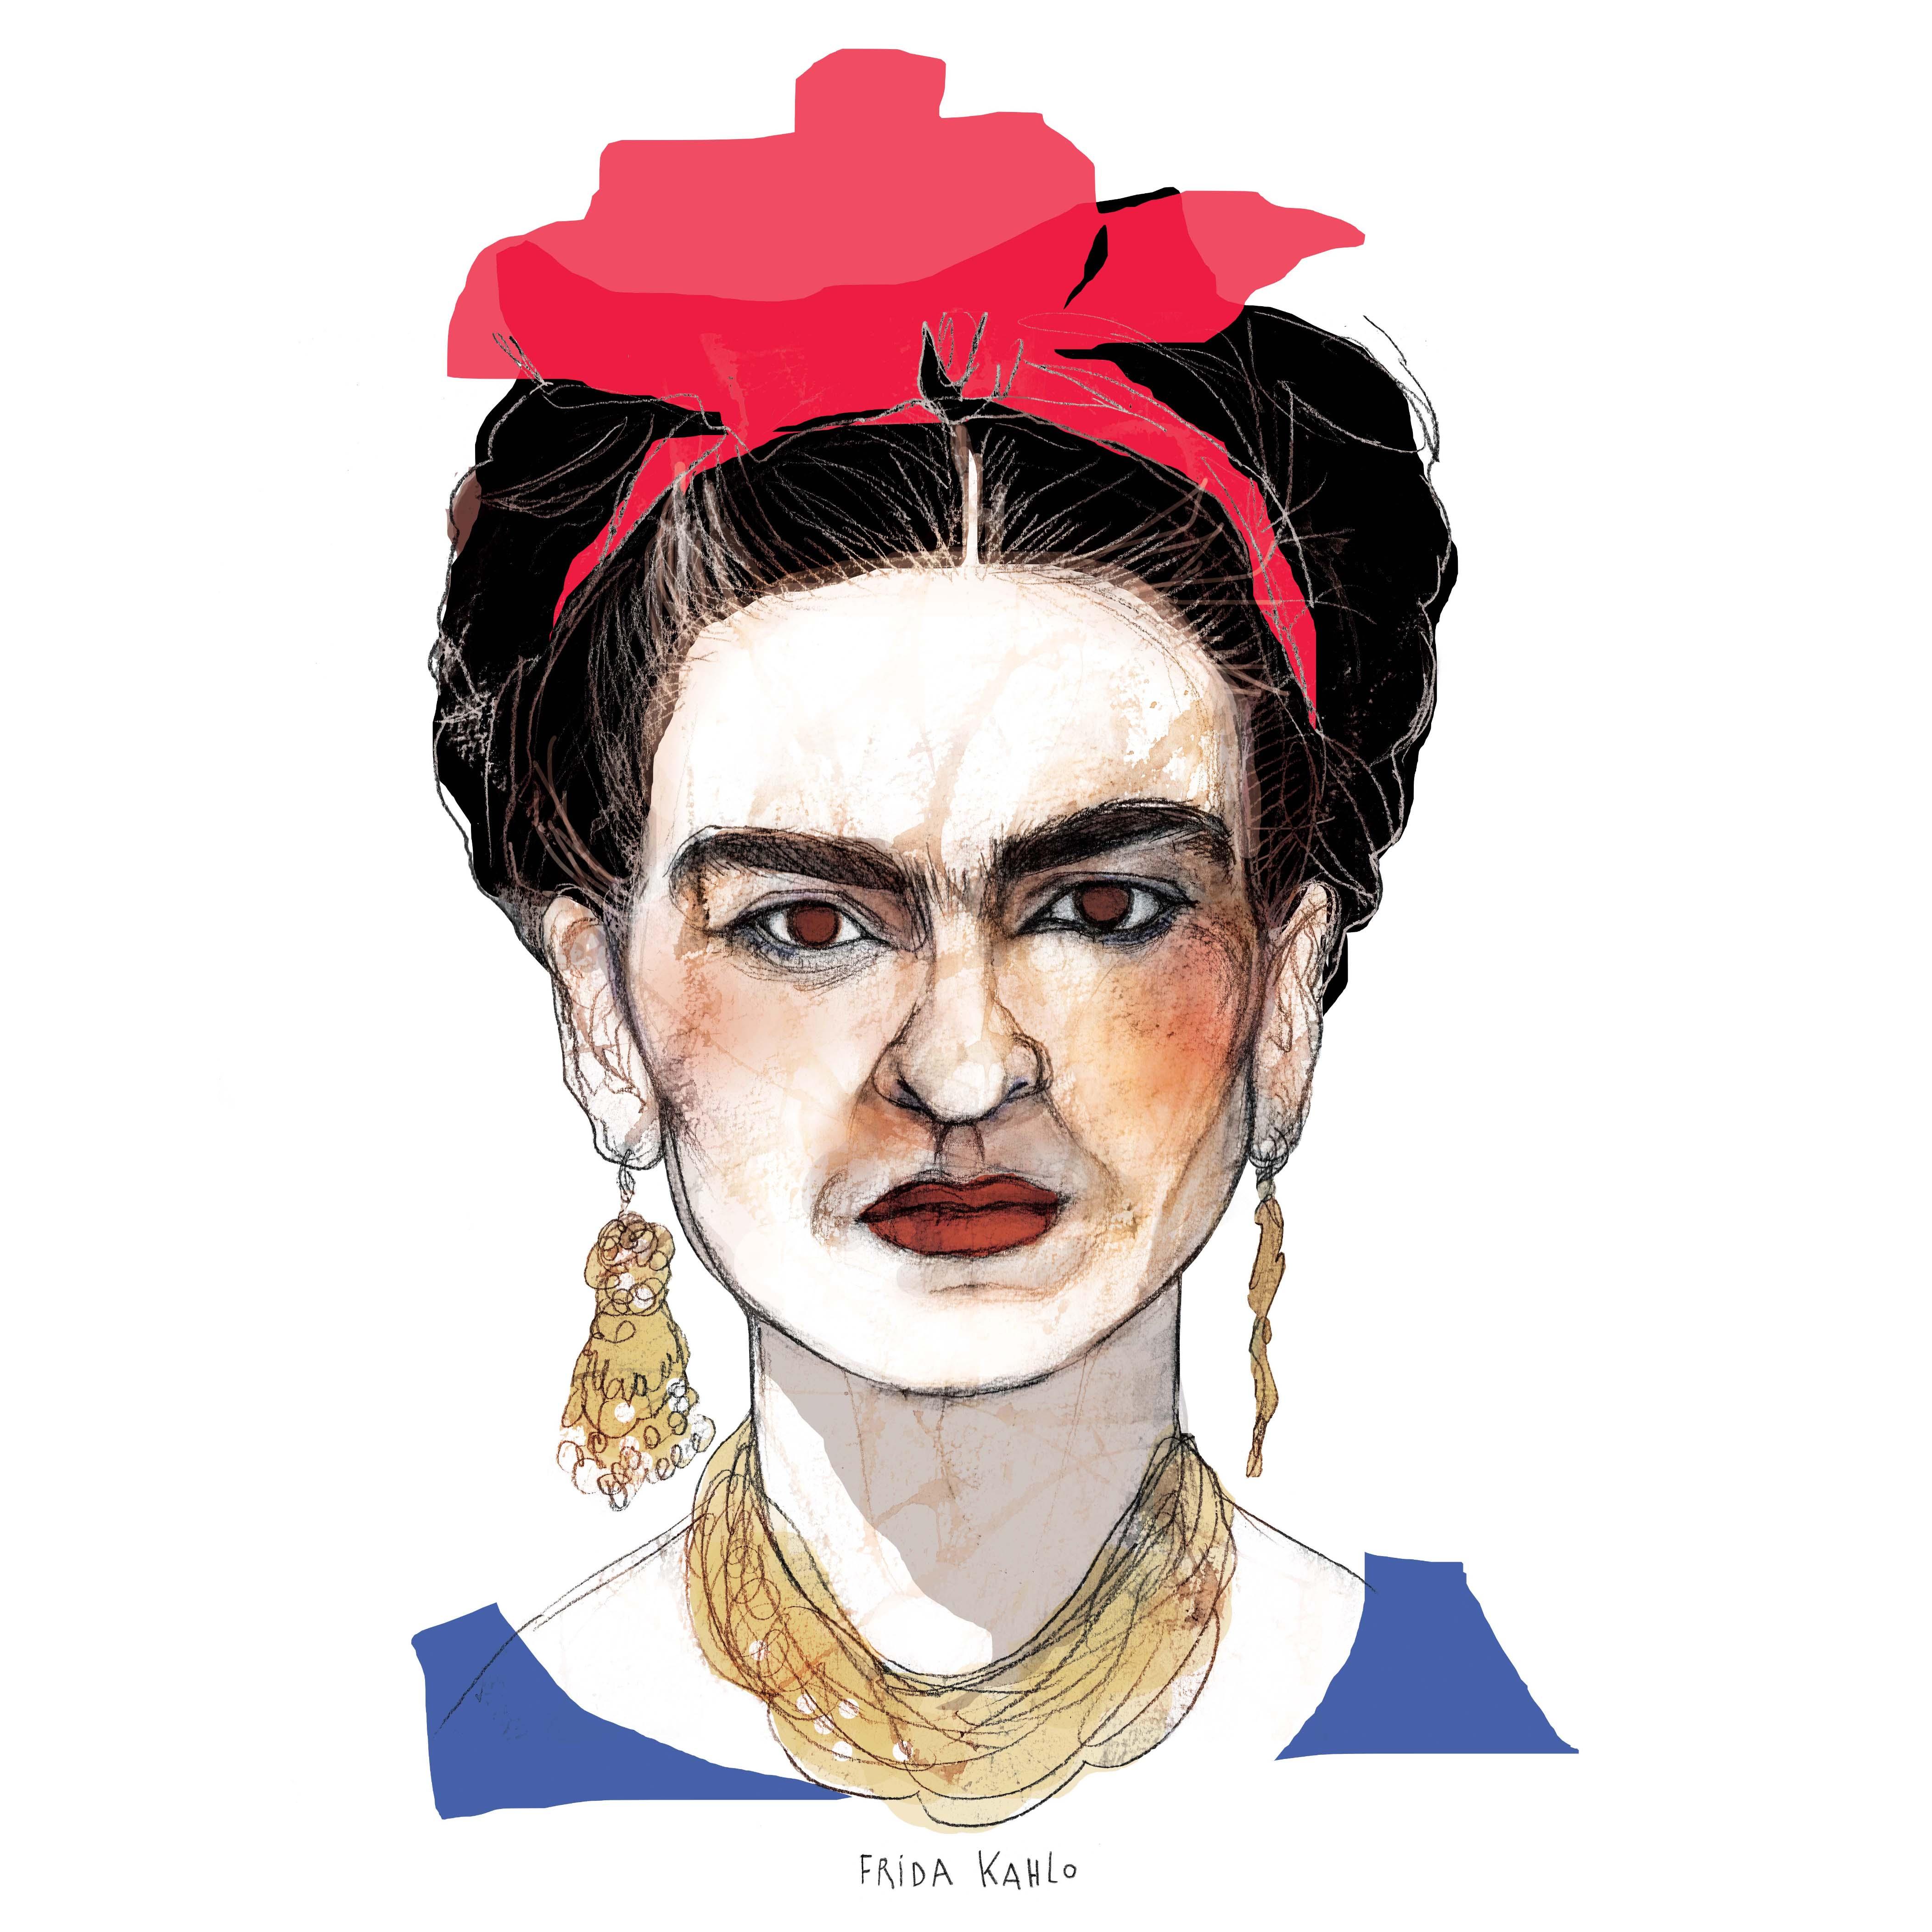 Frida Kahlo cuadrado.jpg